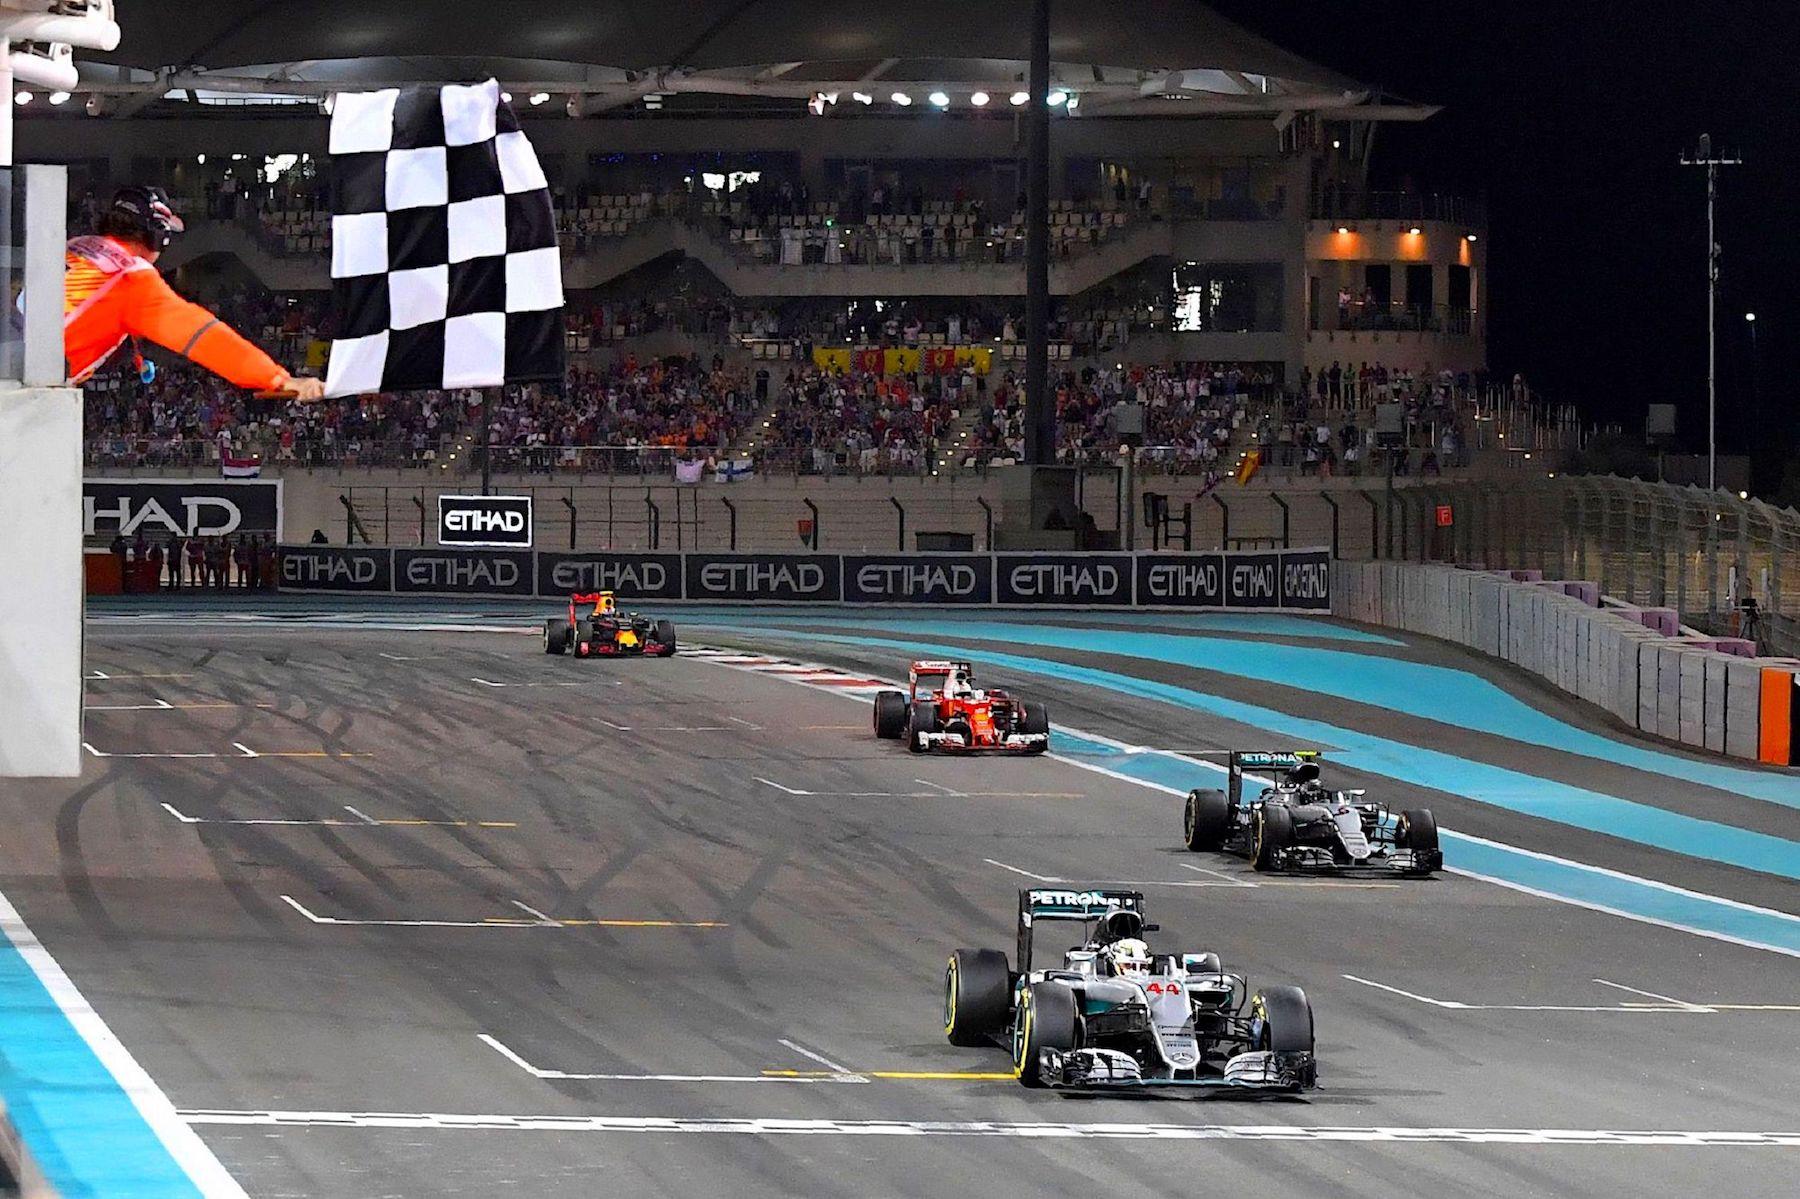 Salracing - Lewis Hamilton winning Abu Dhabi